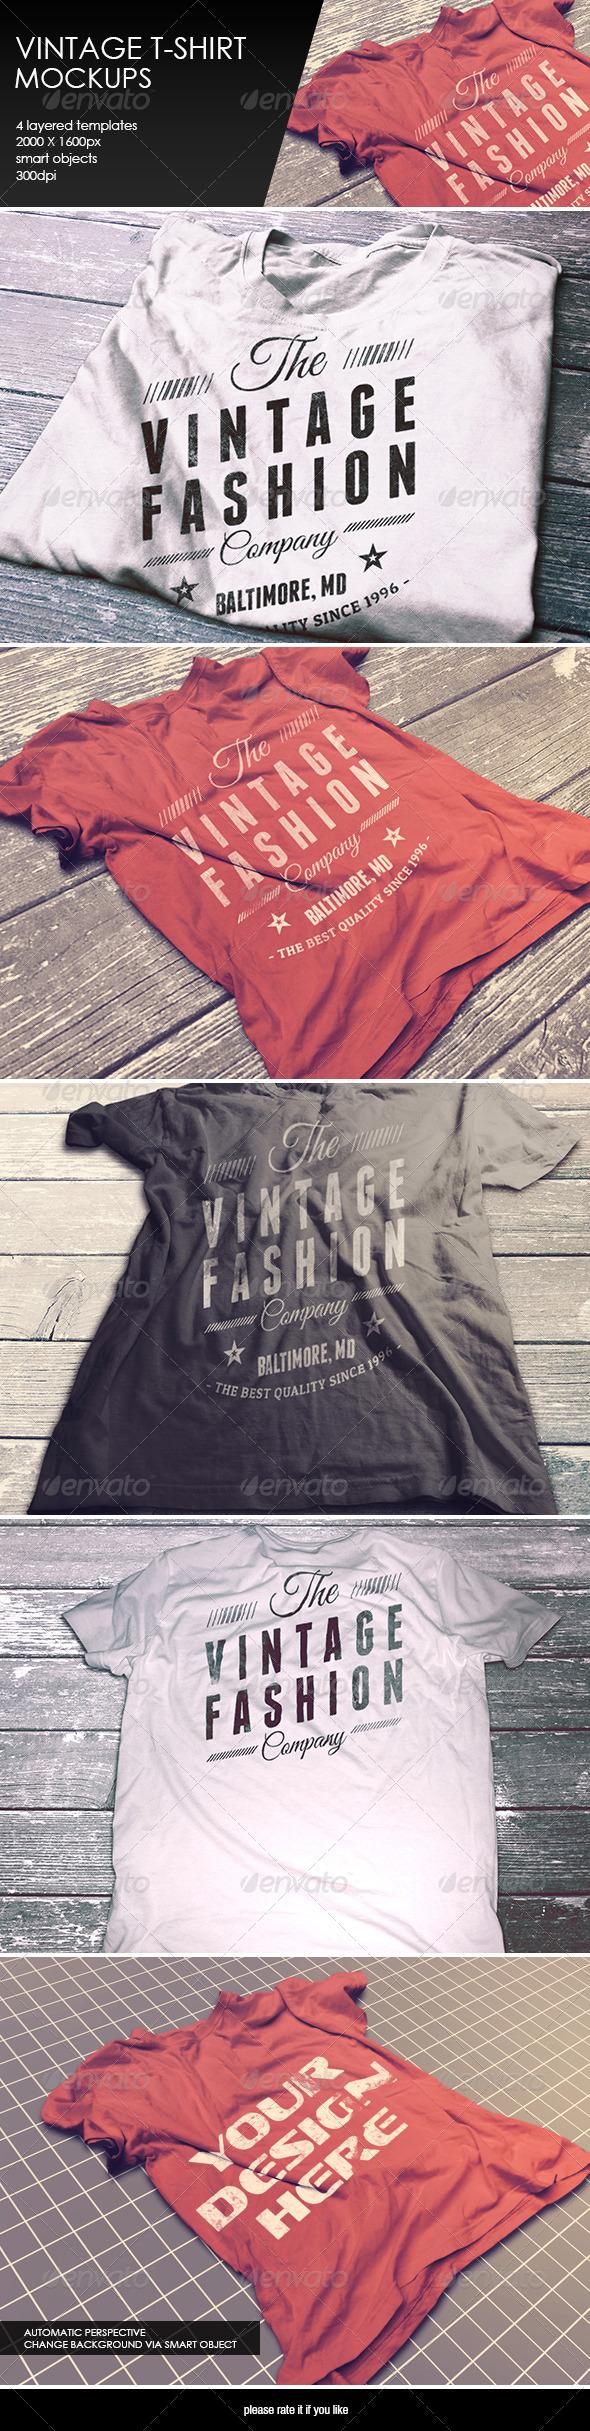 GraphicRiver Vintage T-Shirt Mockup 8376796